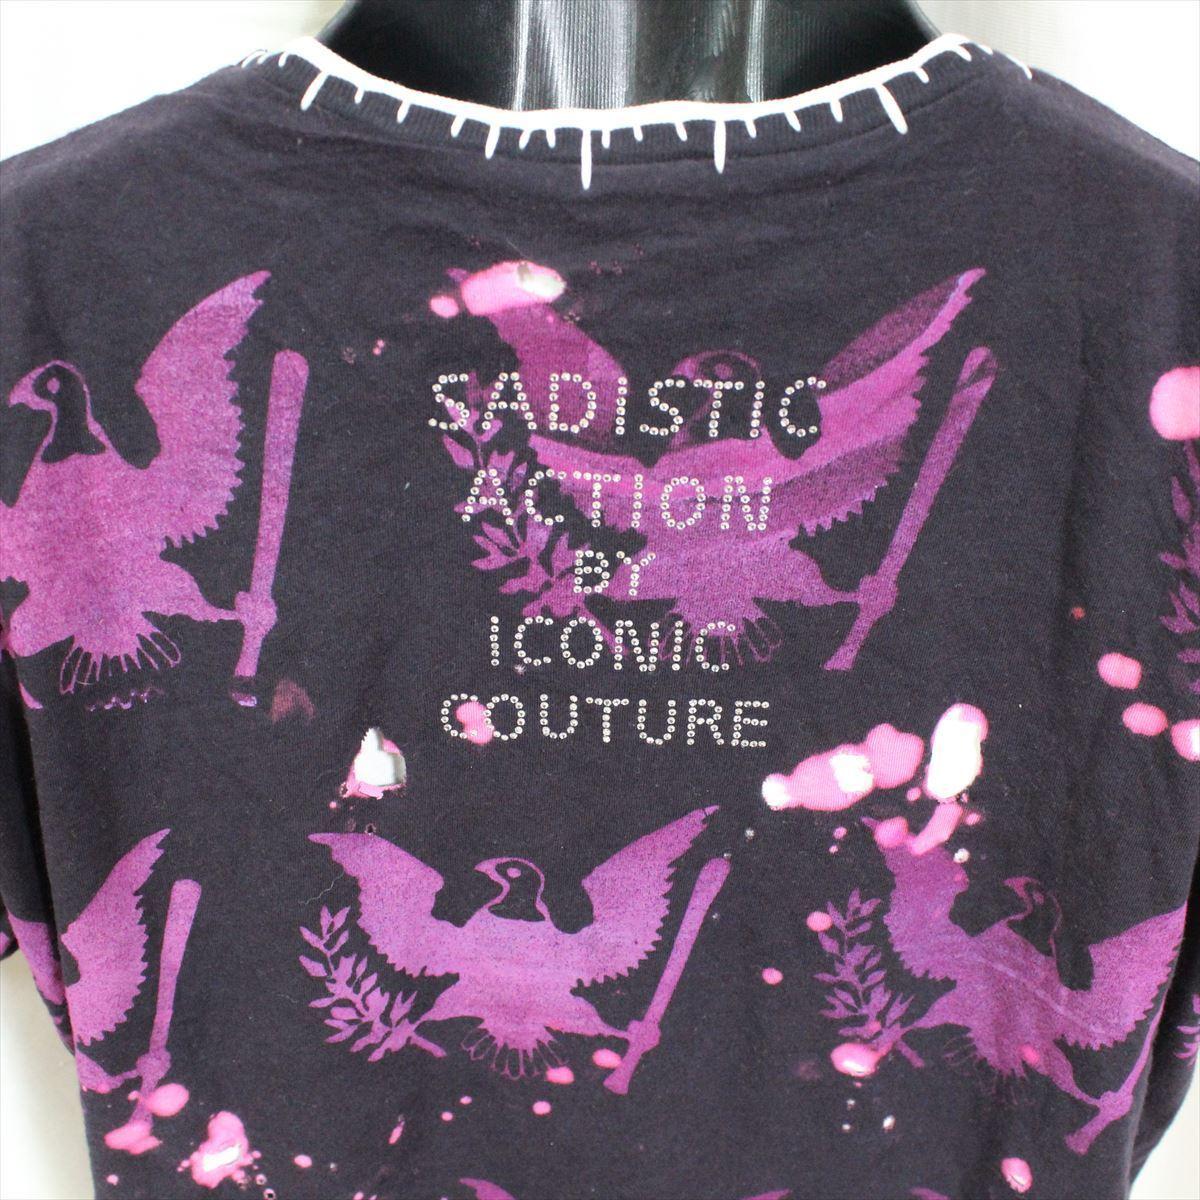 サディスティックアクション SADISTIC ACTION アイコニック メンズ半袖Tシャツ Mサイズ ICONIC COUTURE 新品 ラモーンズ Ramones_画像5